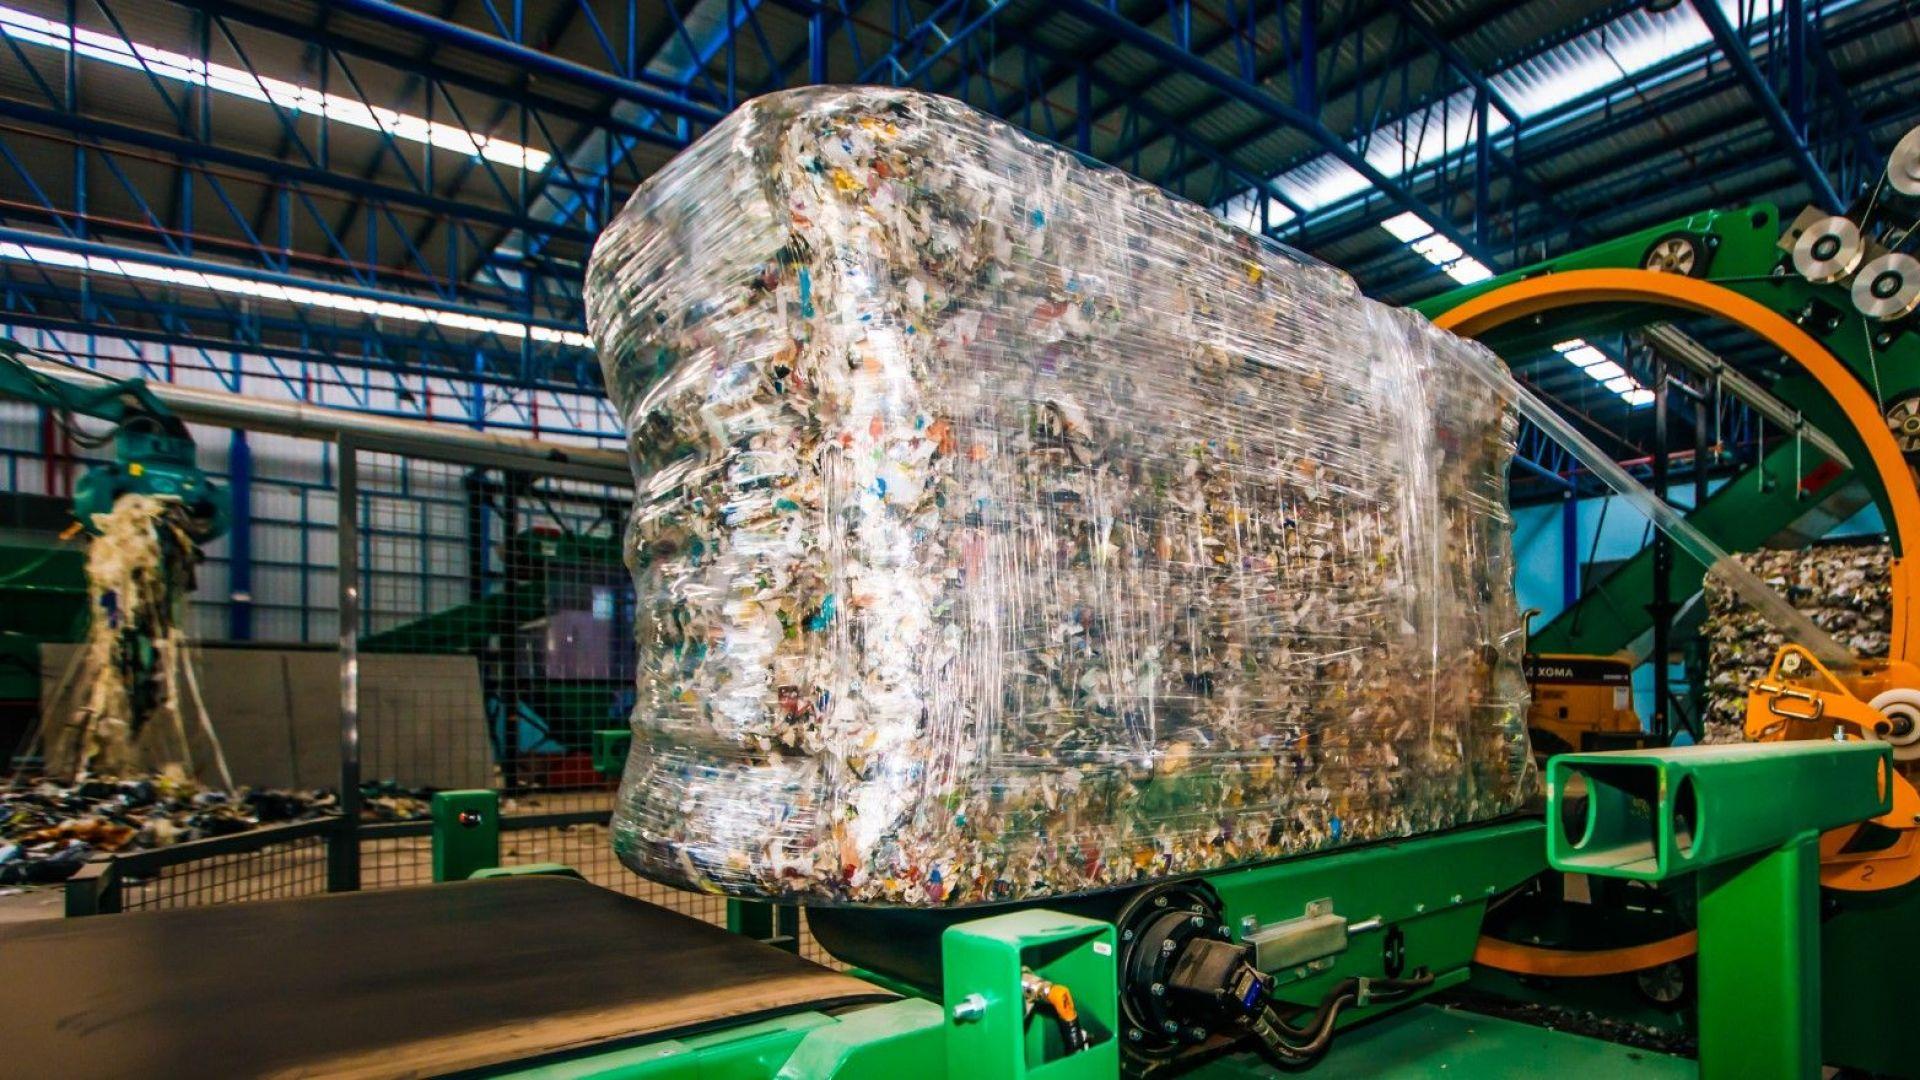 """Инж. Емил Христов, изпълнителен директор на ТЕЦ """"Бобов дол"""" ЕАД : Методът, които ще приложим за третирането на неопасните отпадъци, ще намали драстично техния обем"""